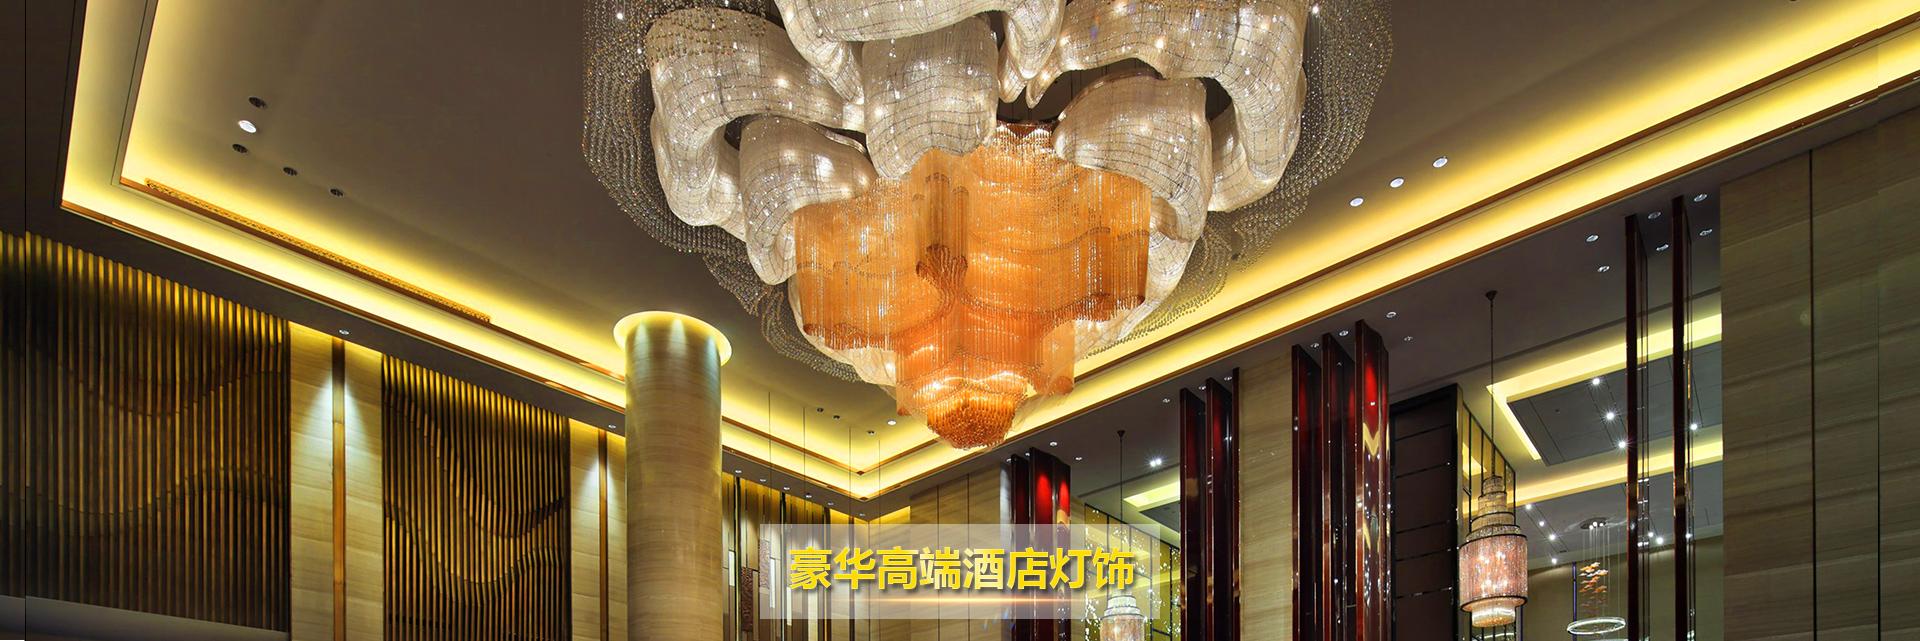 酒店客房灯具